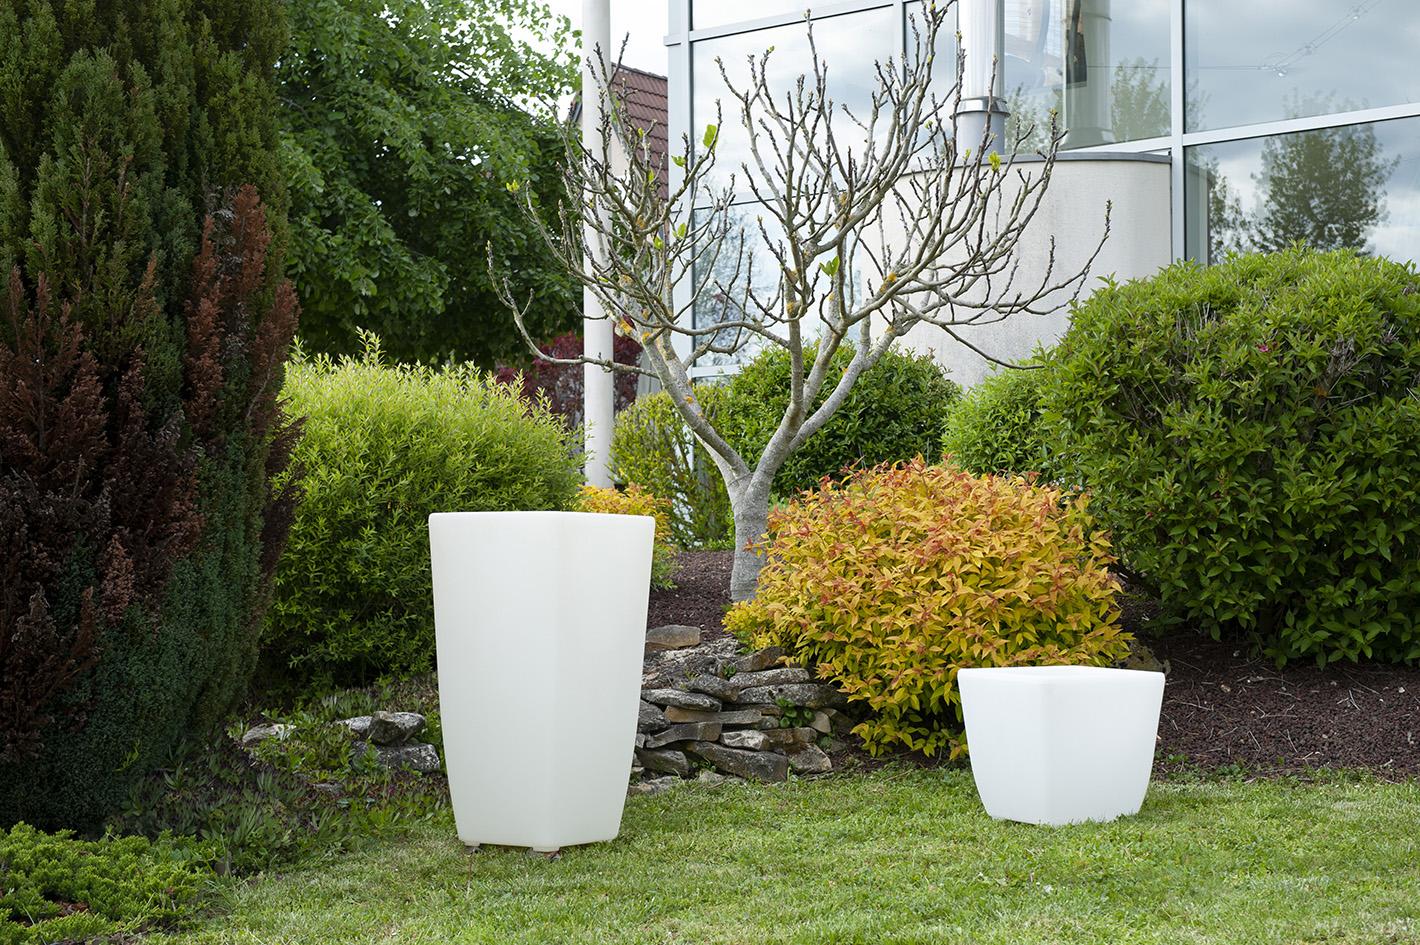 Un pot de fleur lumineux exterieur dans un jardin